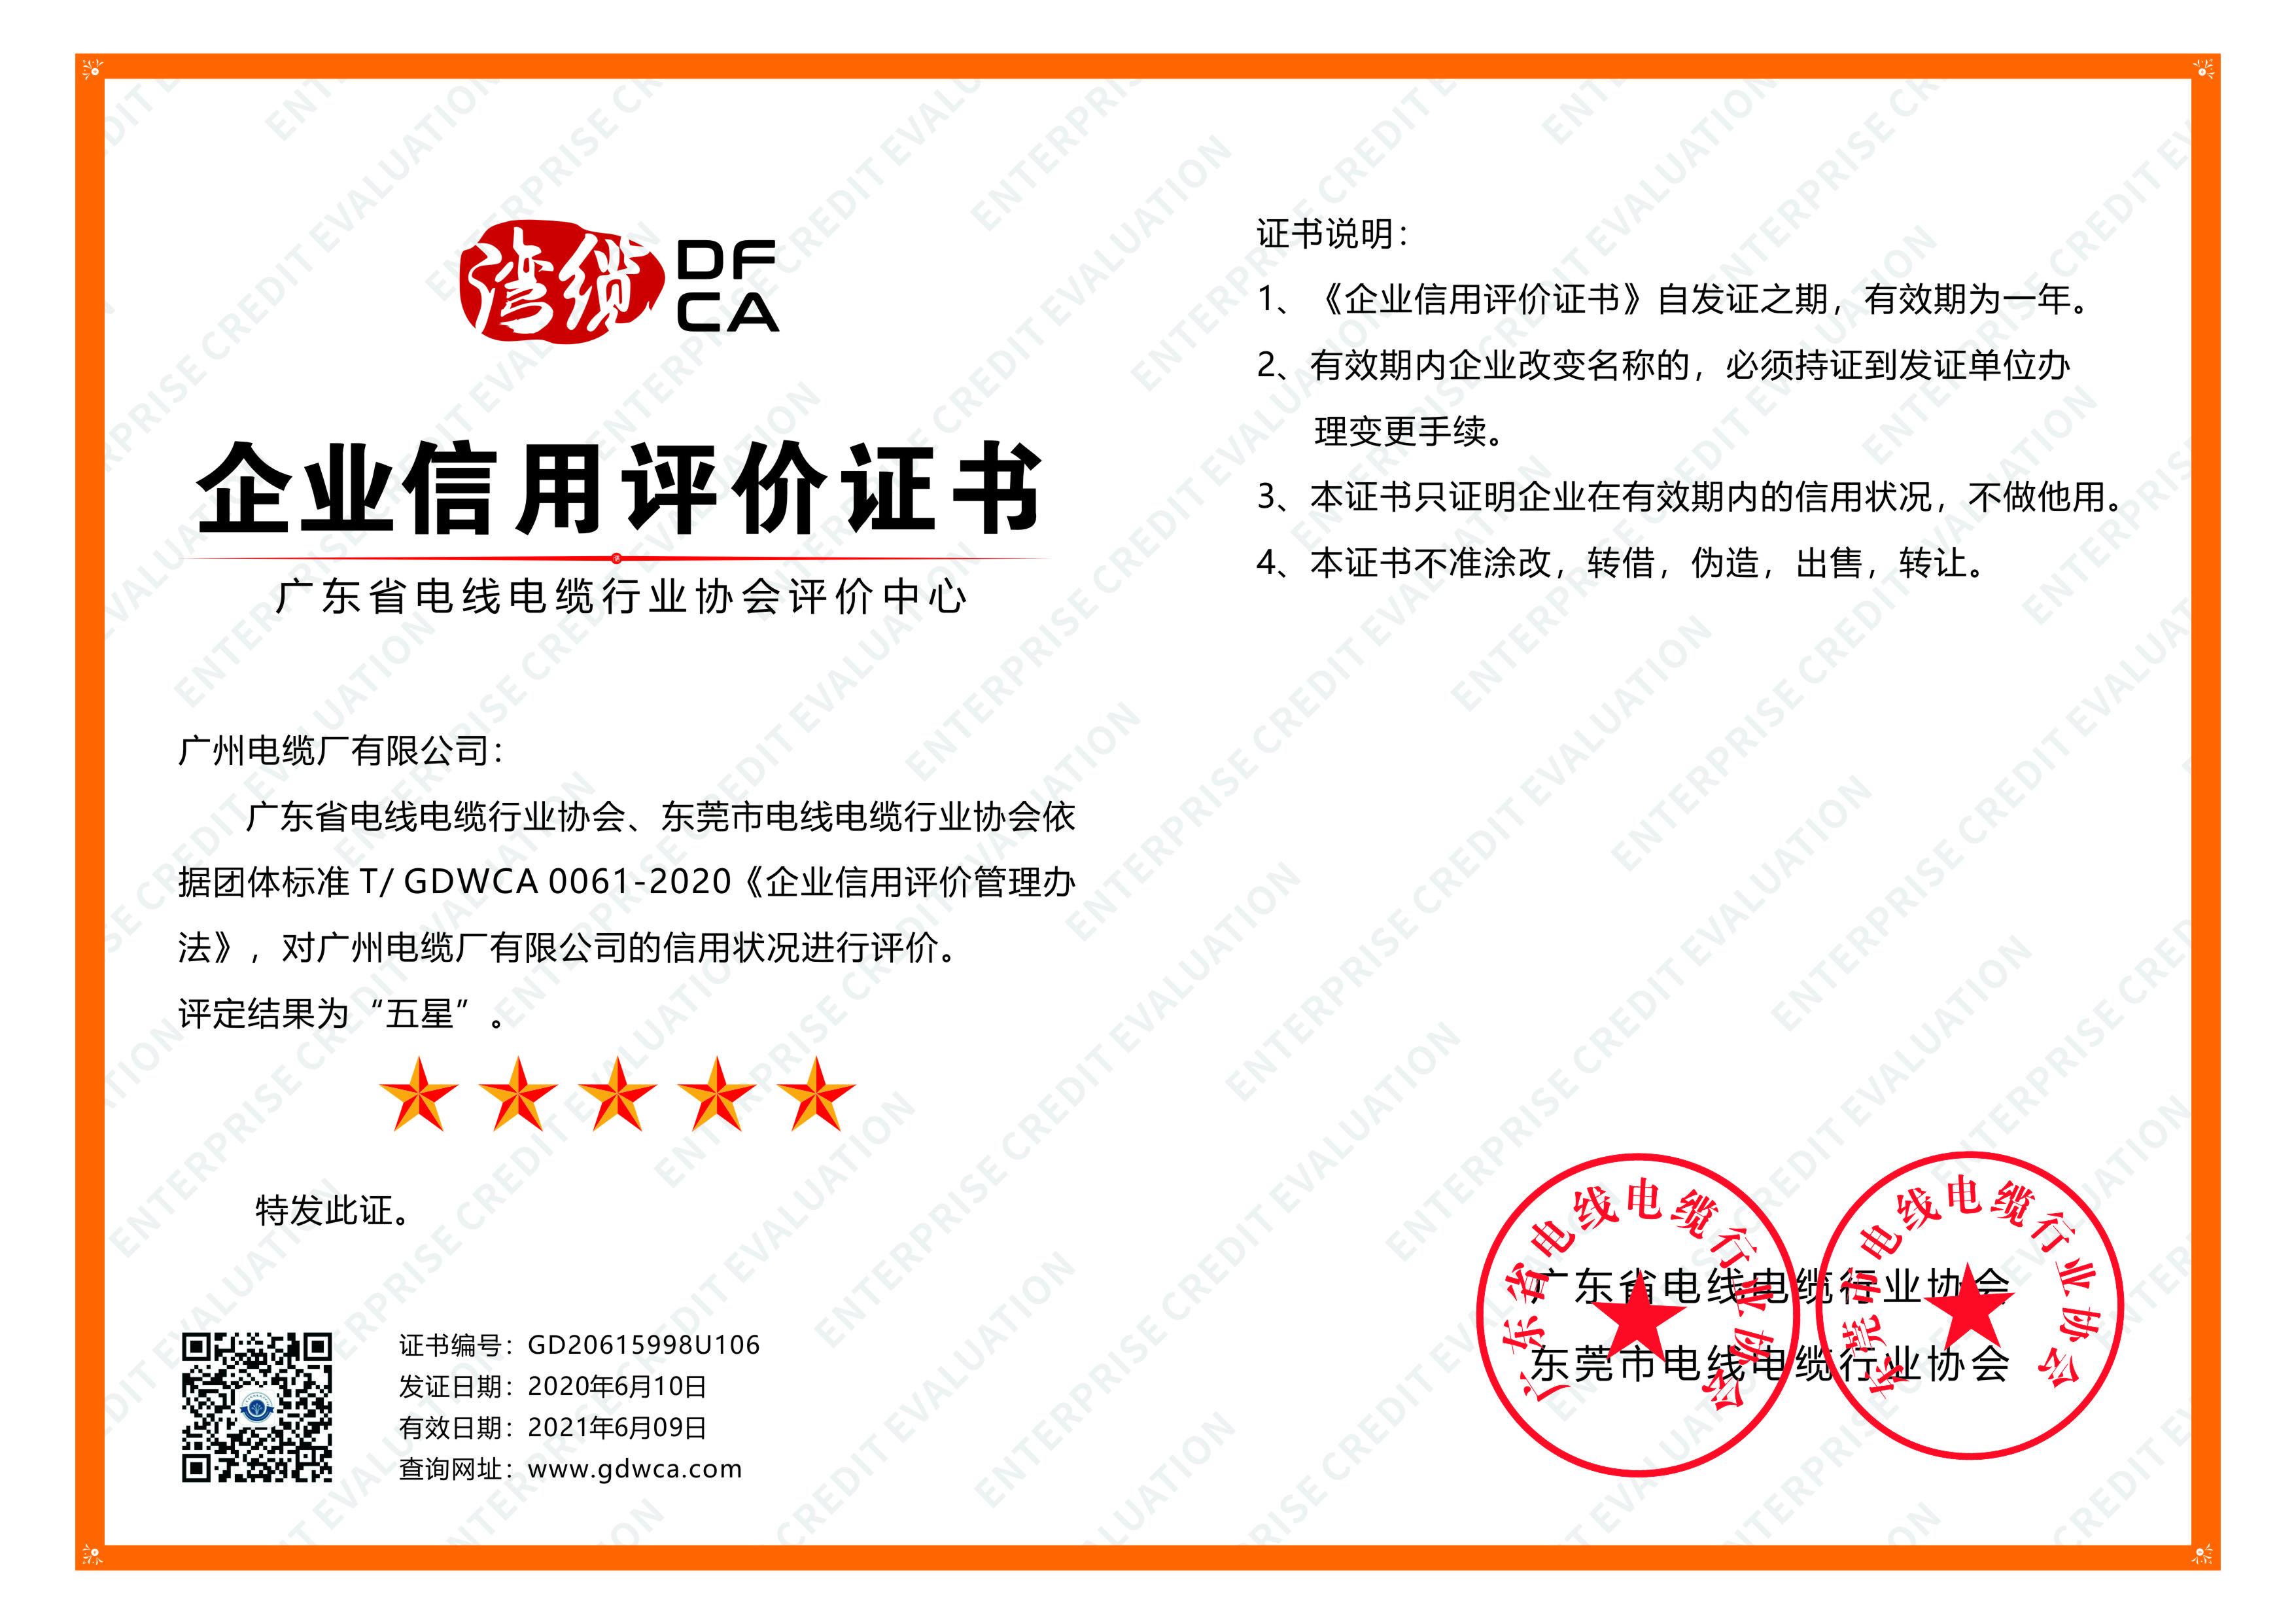 喜讯|广州电缆获综合实力及信用五星级证书